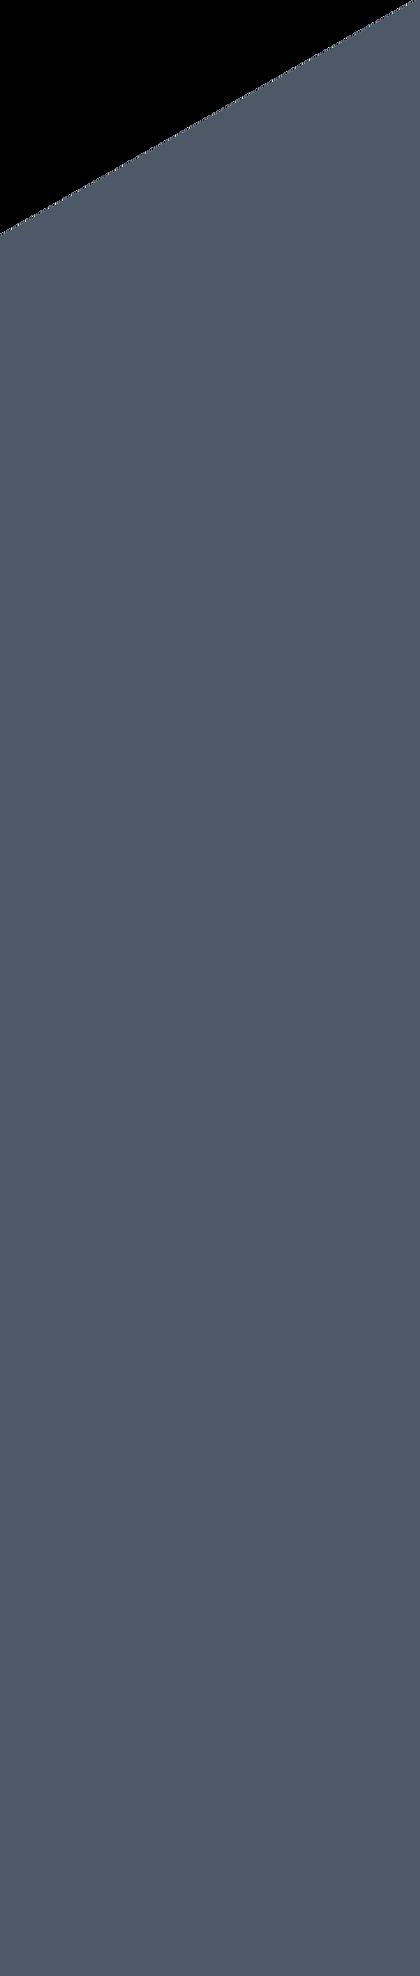 batilex-mainshape-grey.png